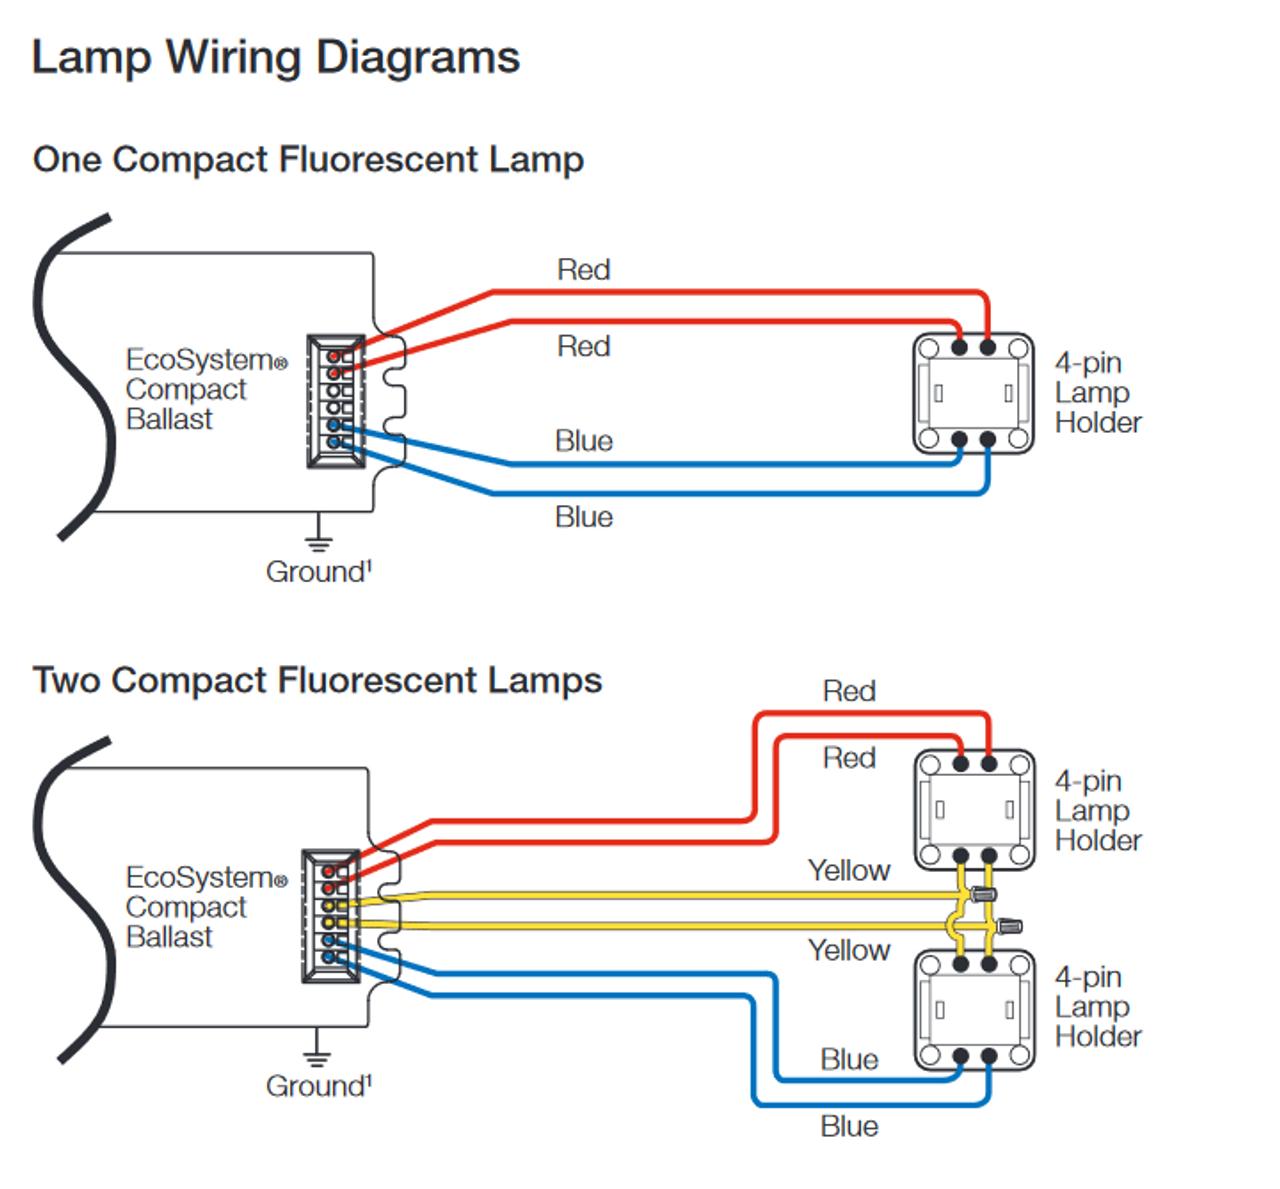 4 Pin Ballast Wiring Diagram - Wiring Diagrams  Lamp Ballast Wiring Diagram on